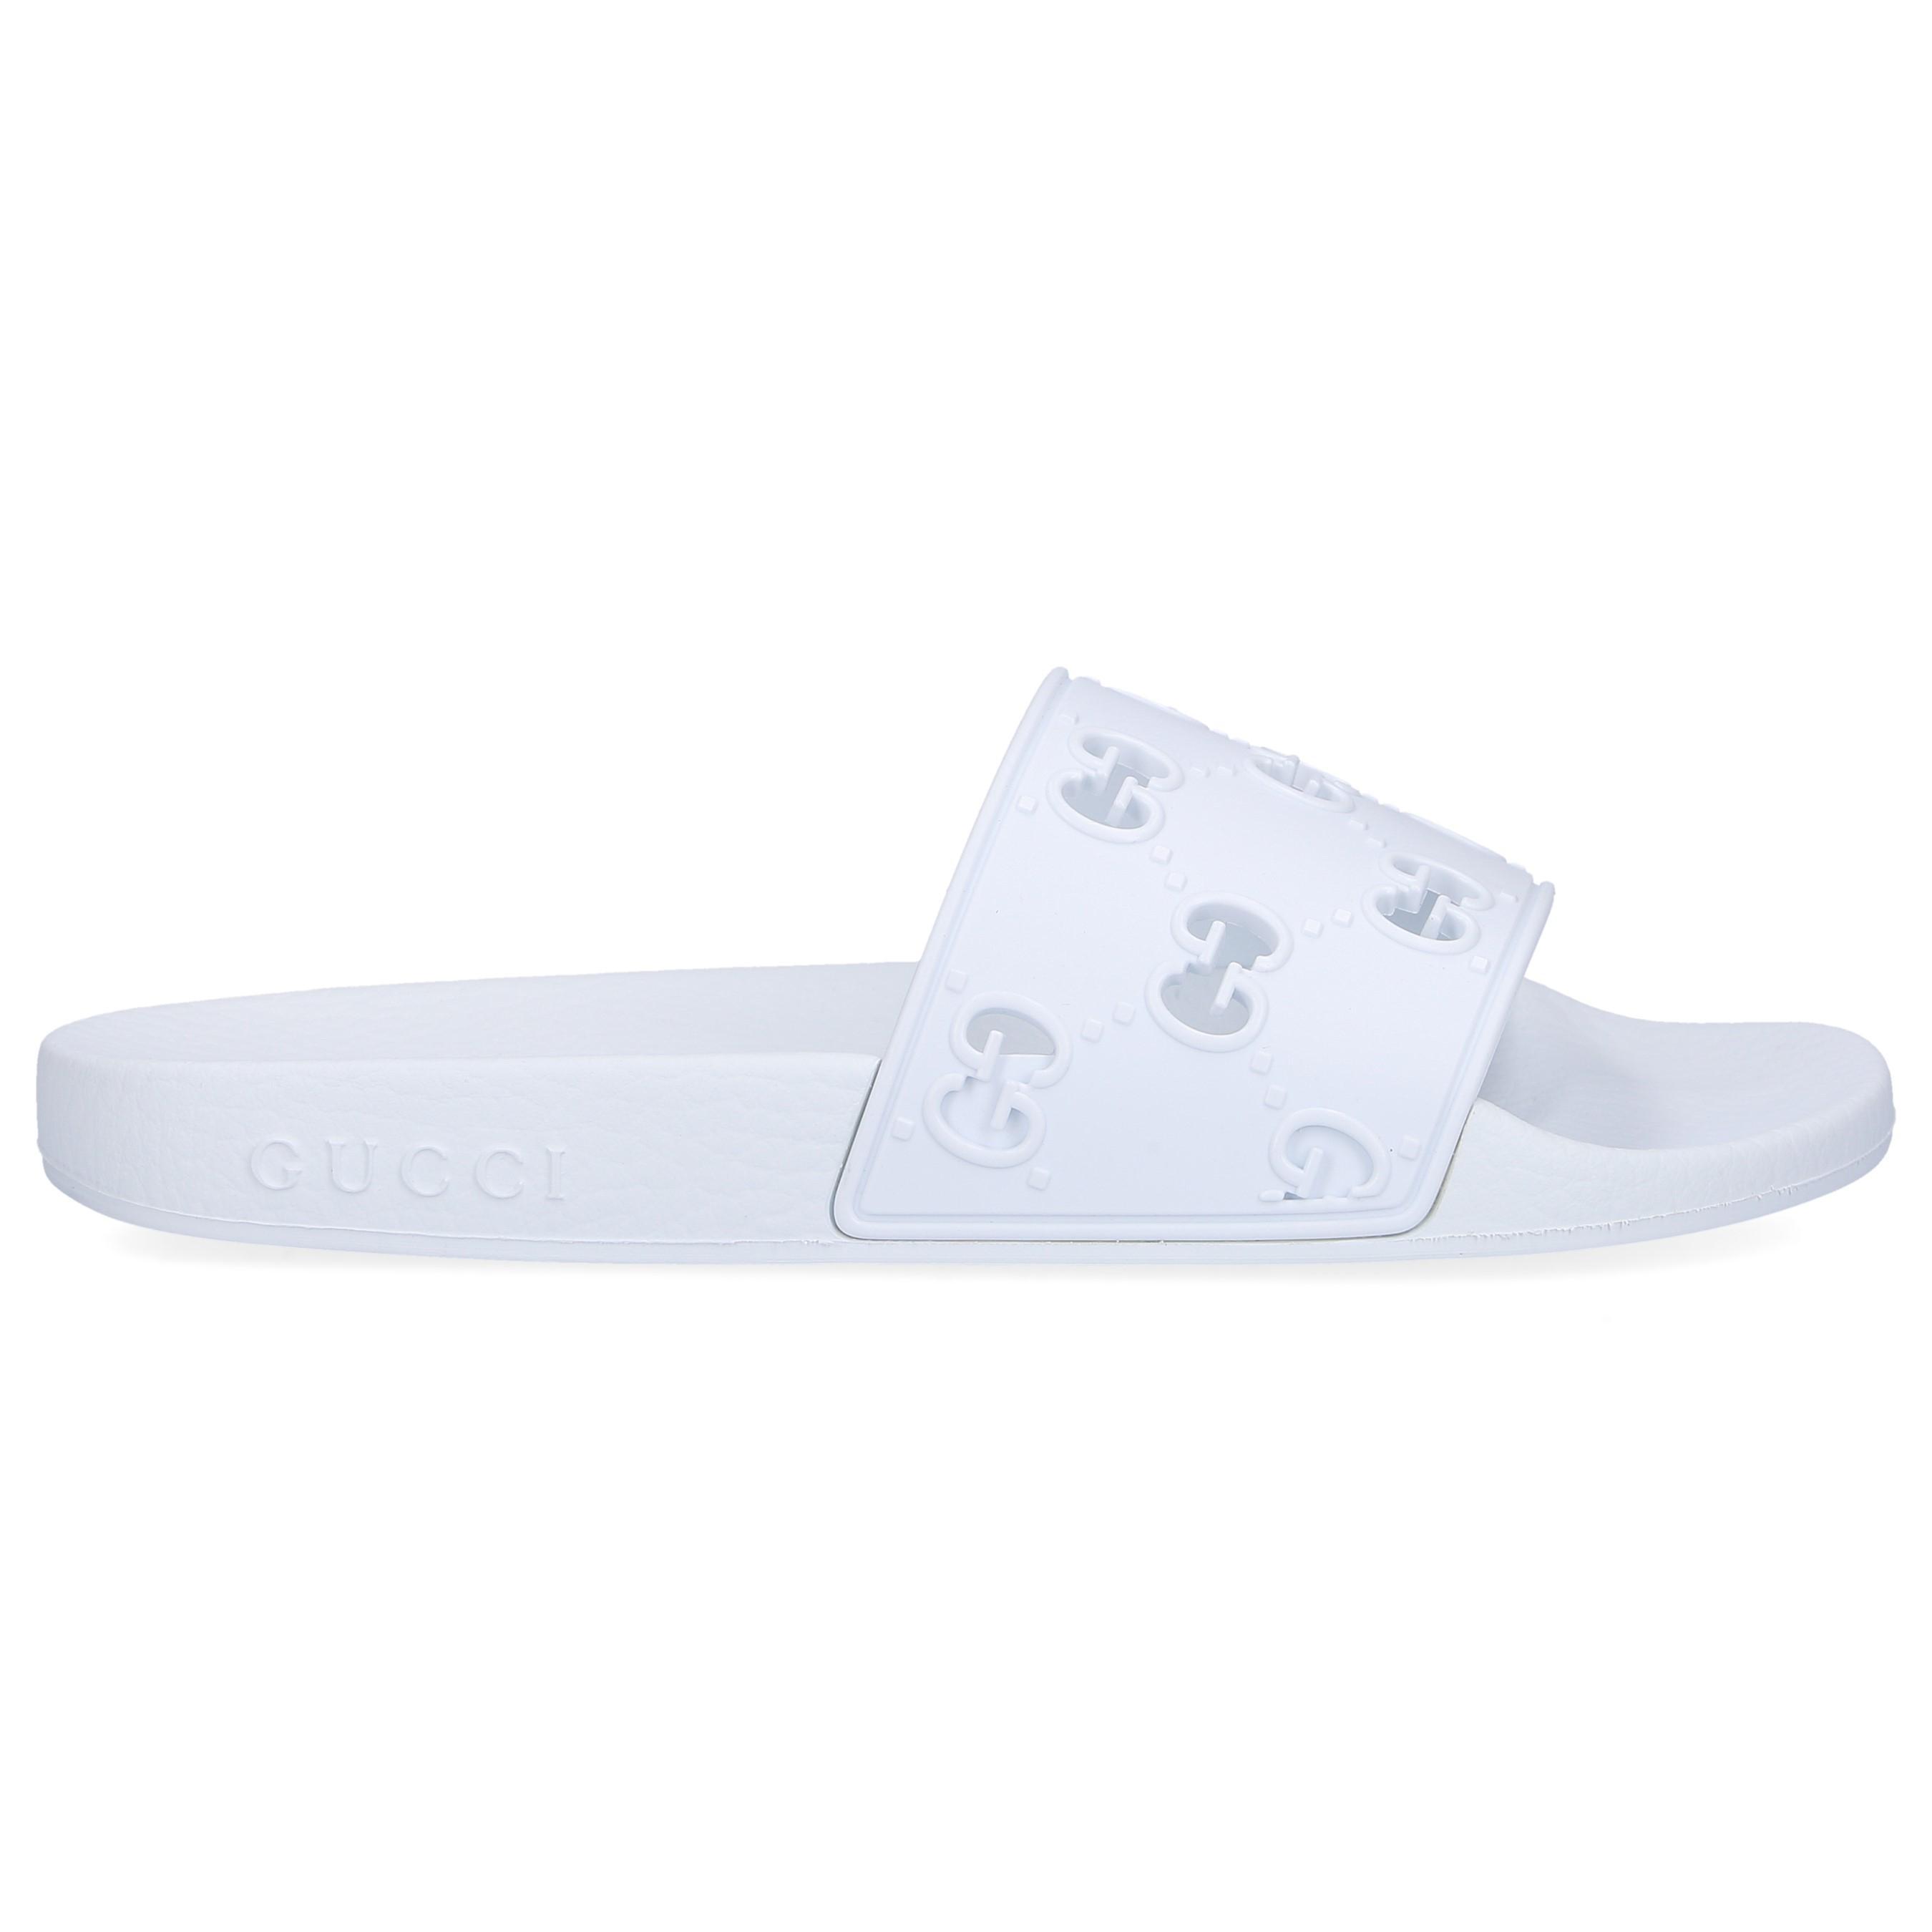 Gucci Beach Sandals Jdr00 in White - Lyst